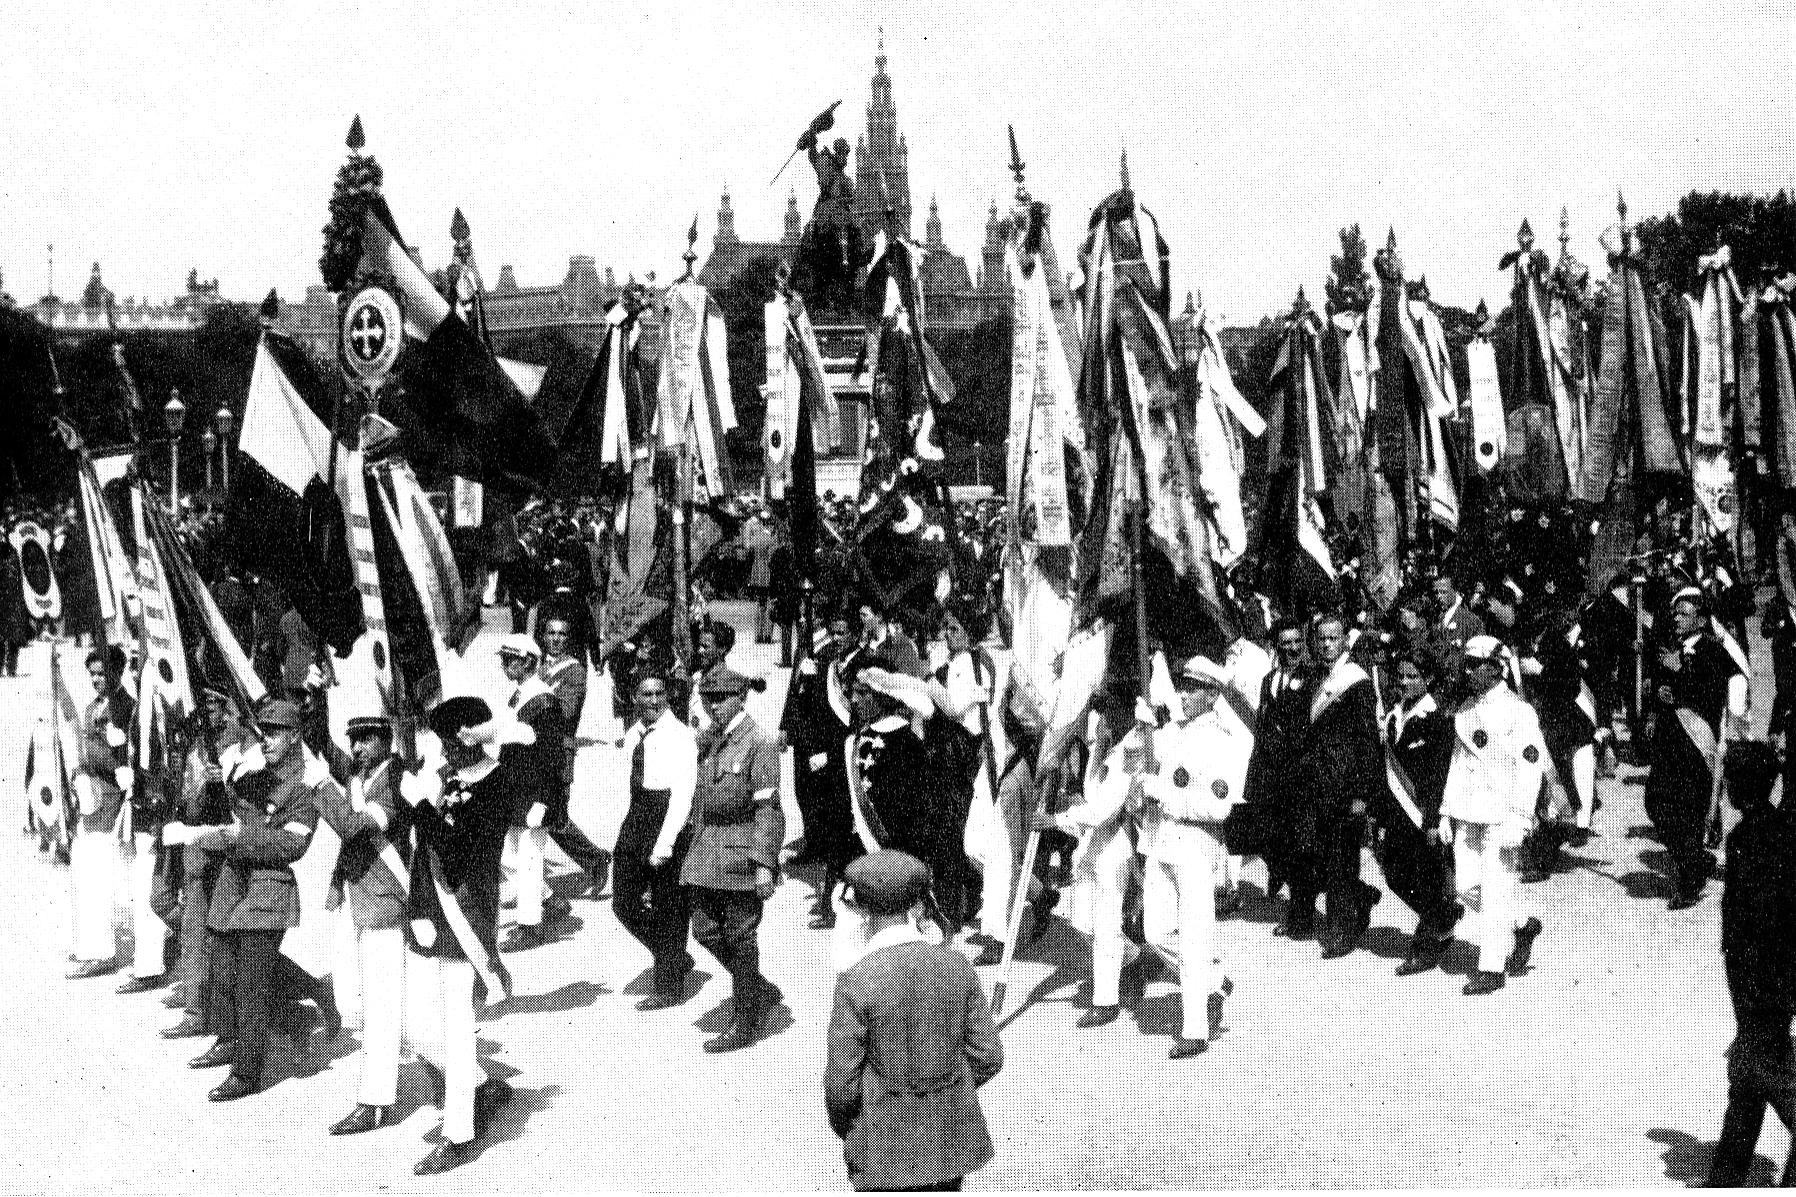 Reichsbund_Jubiläumsbundestag 1927